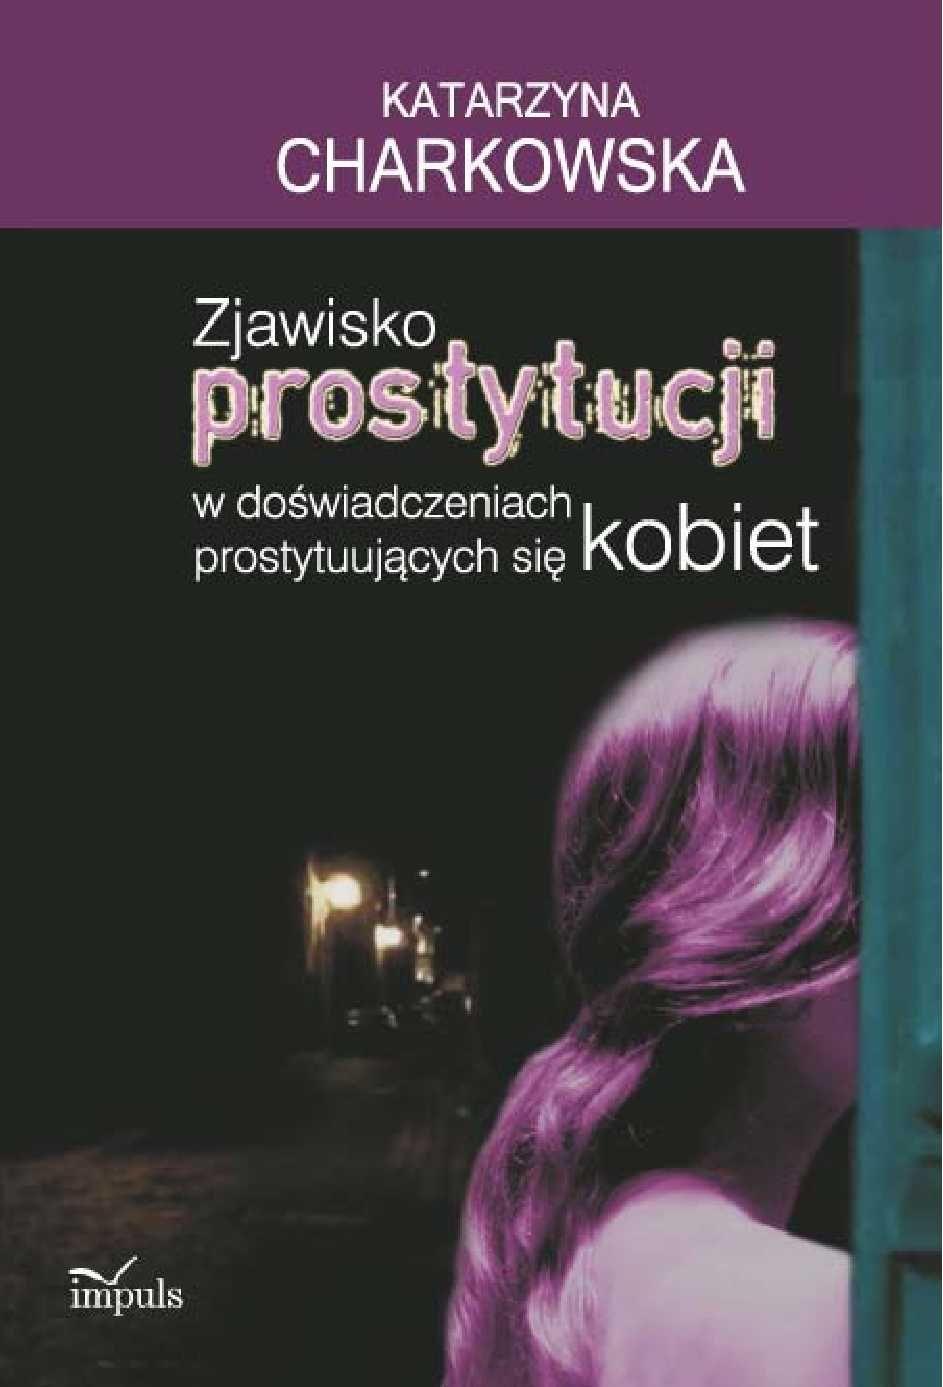 Zjawisko prostytucji w doświadczeniach prostytuujących się kobiet - Ebook (Książka PDF) do pobrania w formacie PDF